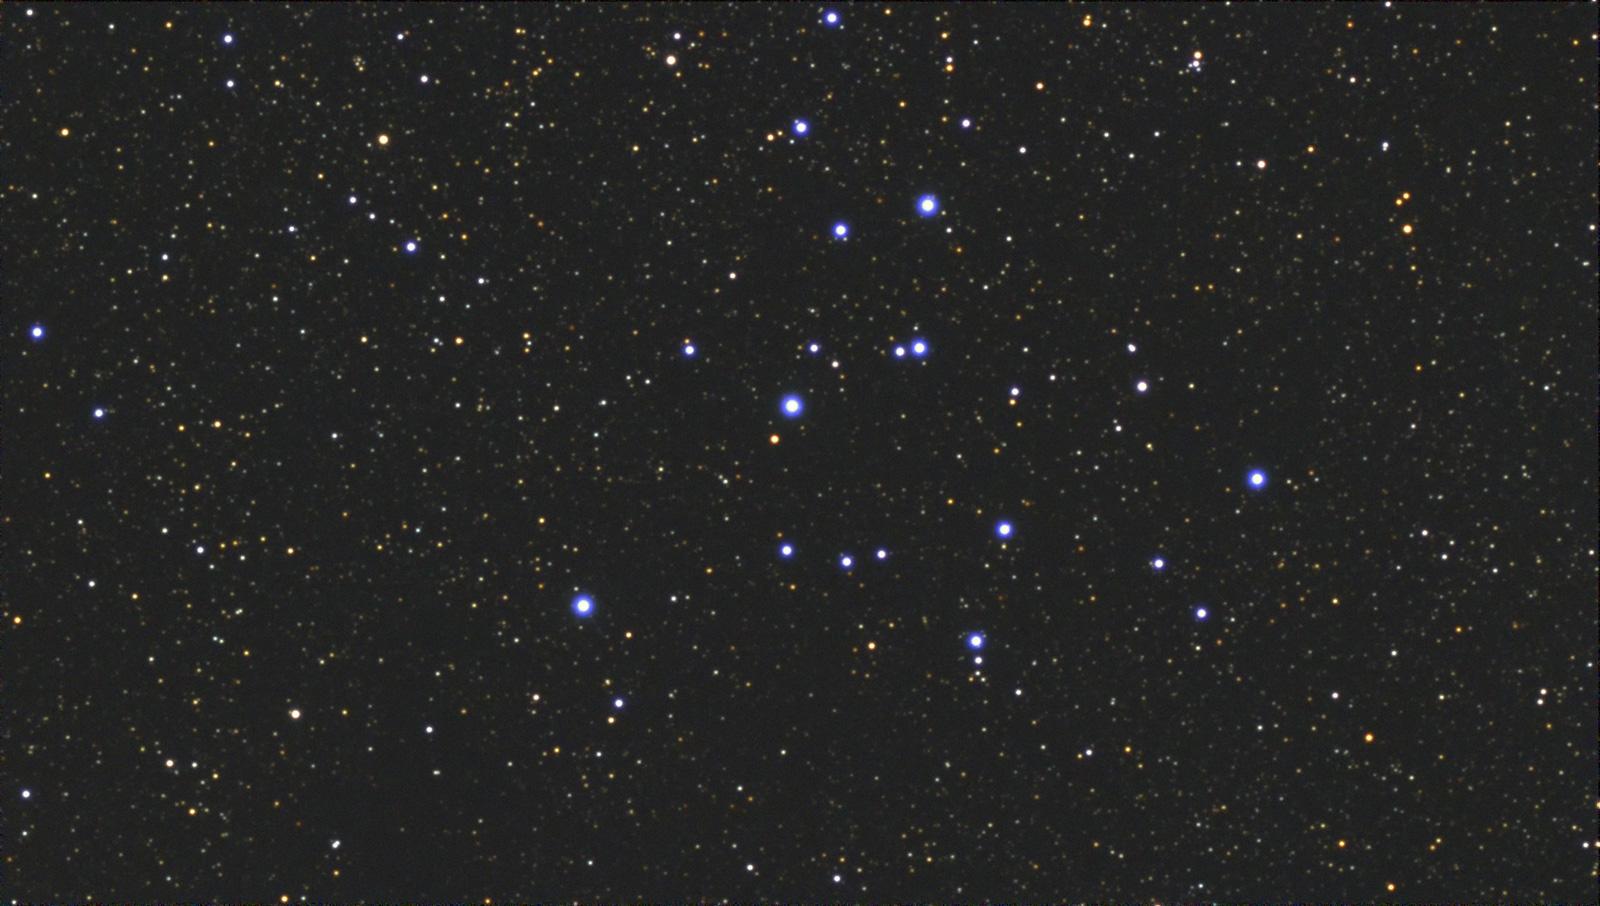 M39_fs60f6_asi385mc_20x30sec_s